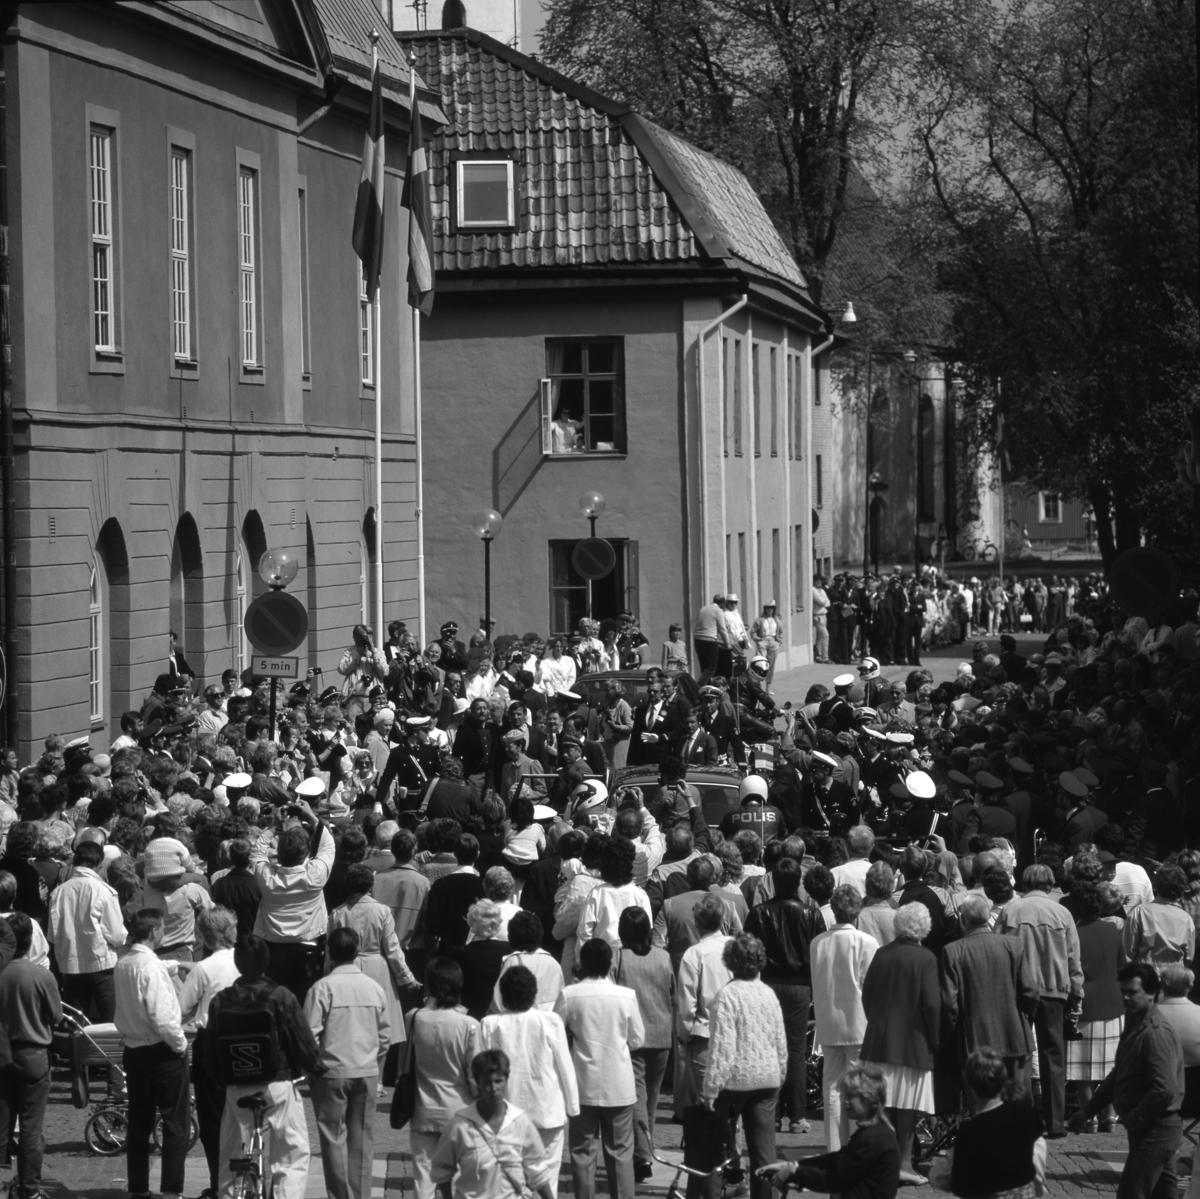 I Arboga firas 550-årsminnet av Sveriges första riksdag. Kungaparet, statsministern och ett stort antal riksdagspolitiker anländer till Arboga. Drottningen har klivit ur bilen på Rådhusgatan. Pressen är samlad. Poliser, till fots och på motorcykel, håller ordning på allmänheten. Medlemmar i Blåsorkestern, med sina instrument, ses till höger i folkhavet. Någon tittar ut genom ett fönster på Musicum. Heliga Trefaldighetskyrkan anas i bakgrunden. Riksdagsjubileet 1985